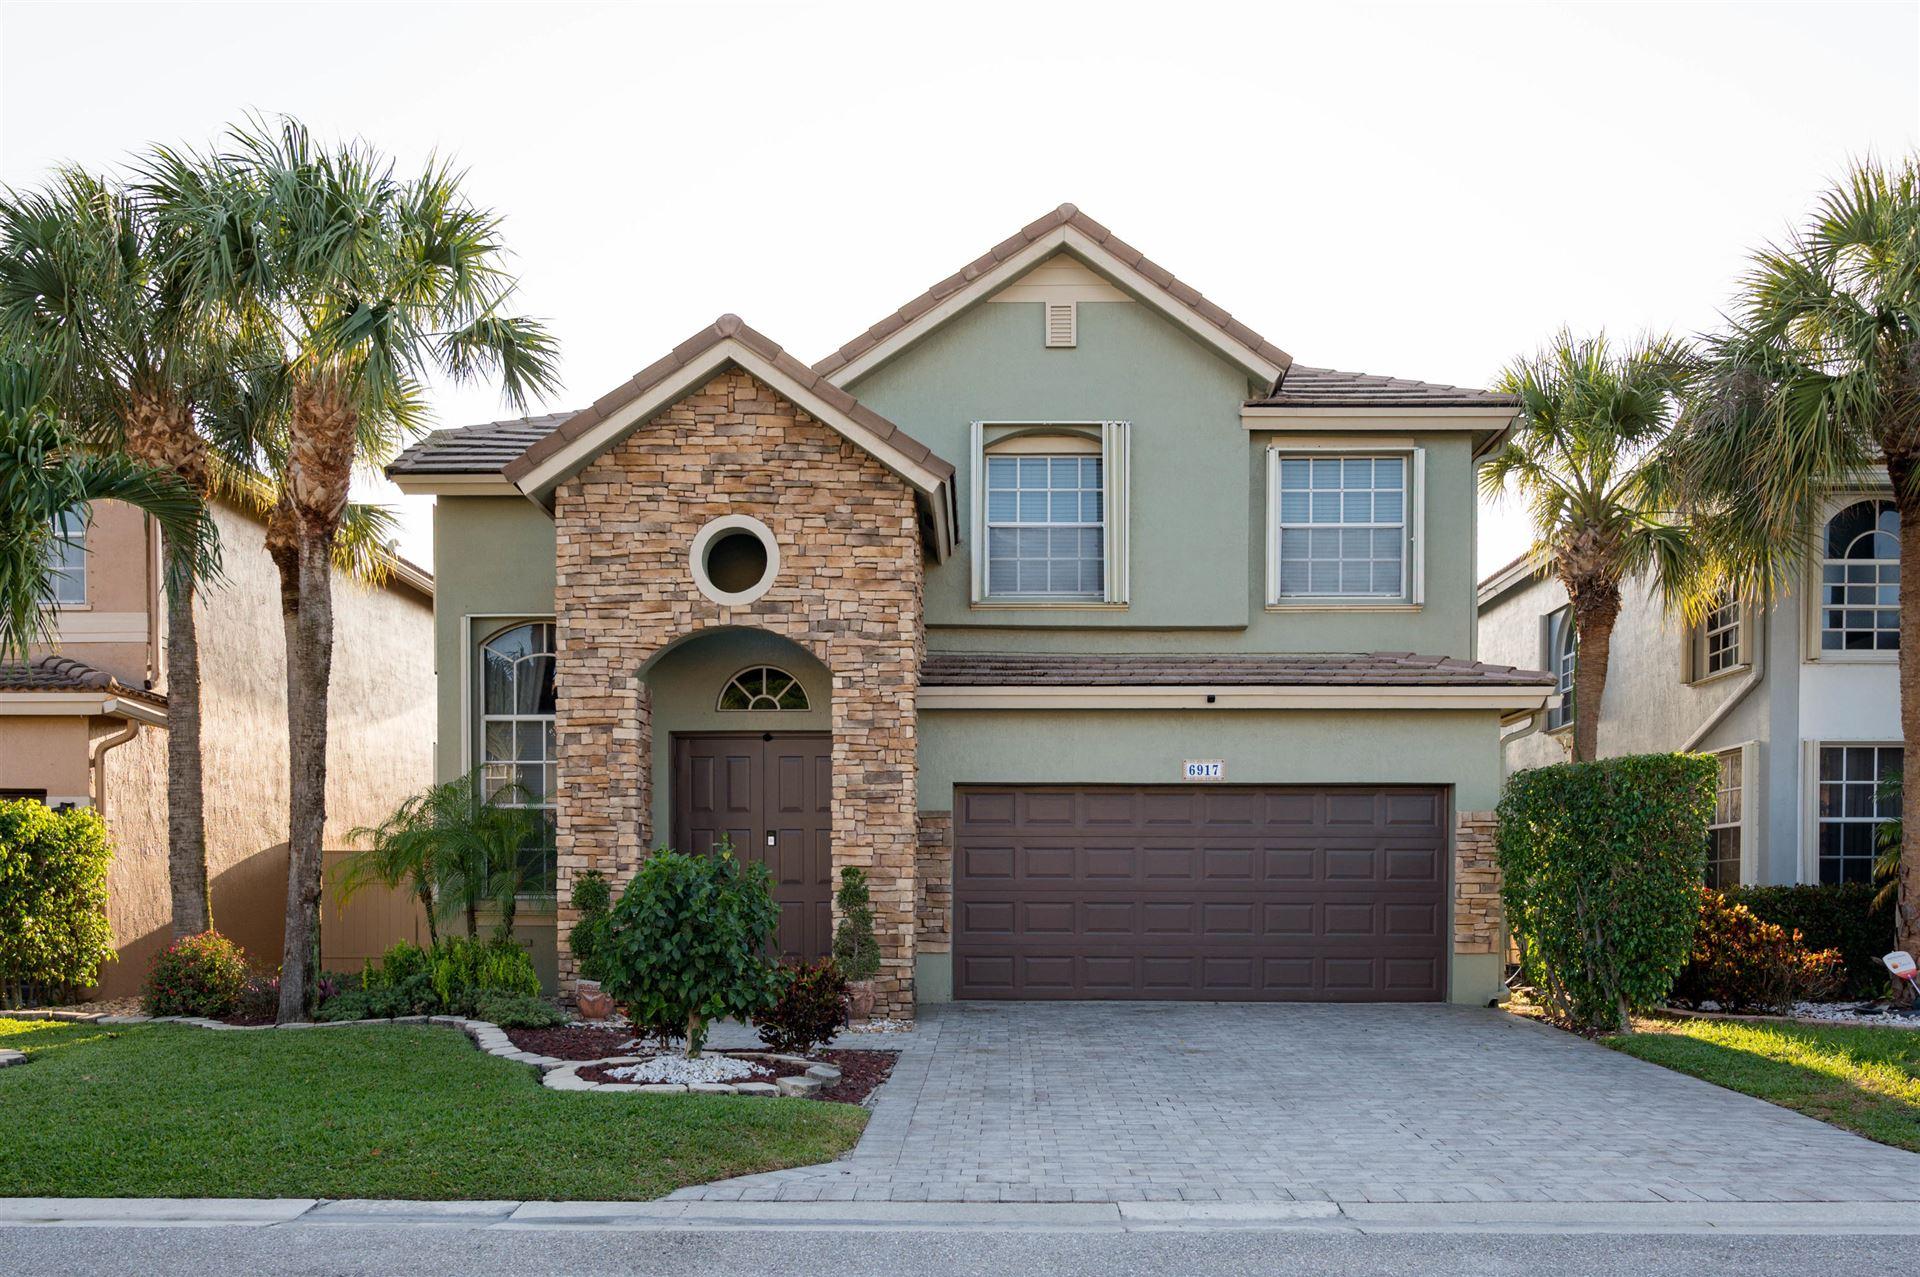 6917 Sea Daisy Drive, Lake Worth, FL 33462 - MLS#: RX-10707668